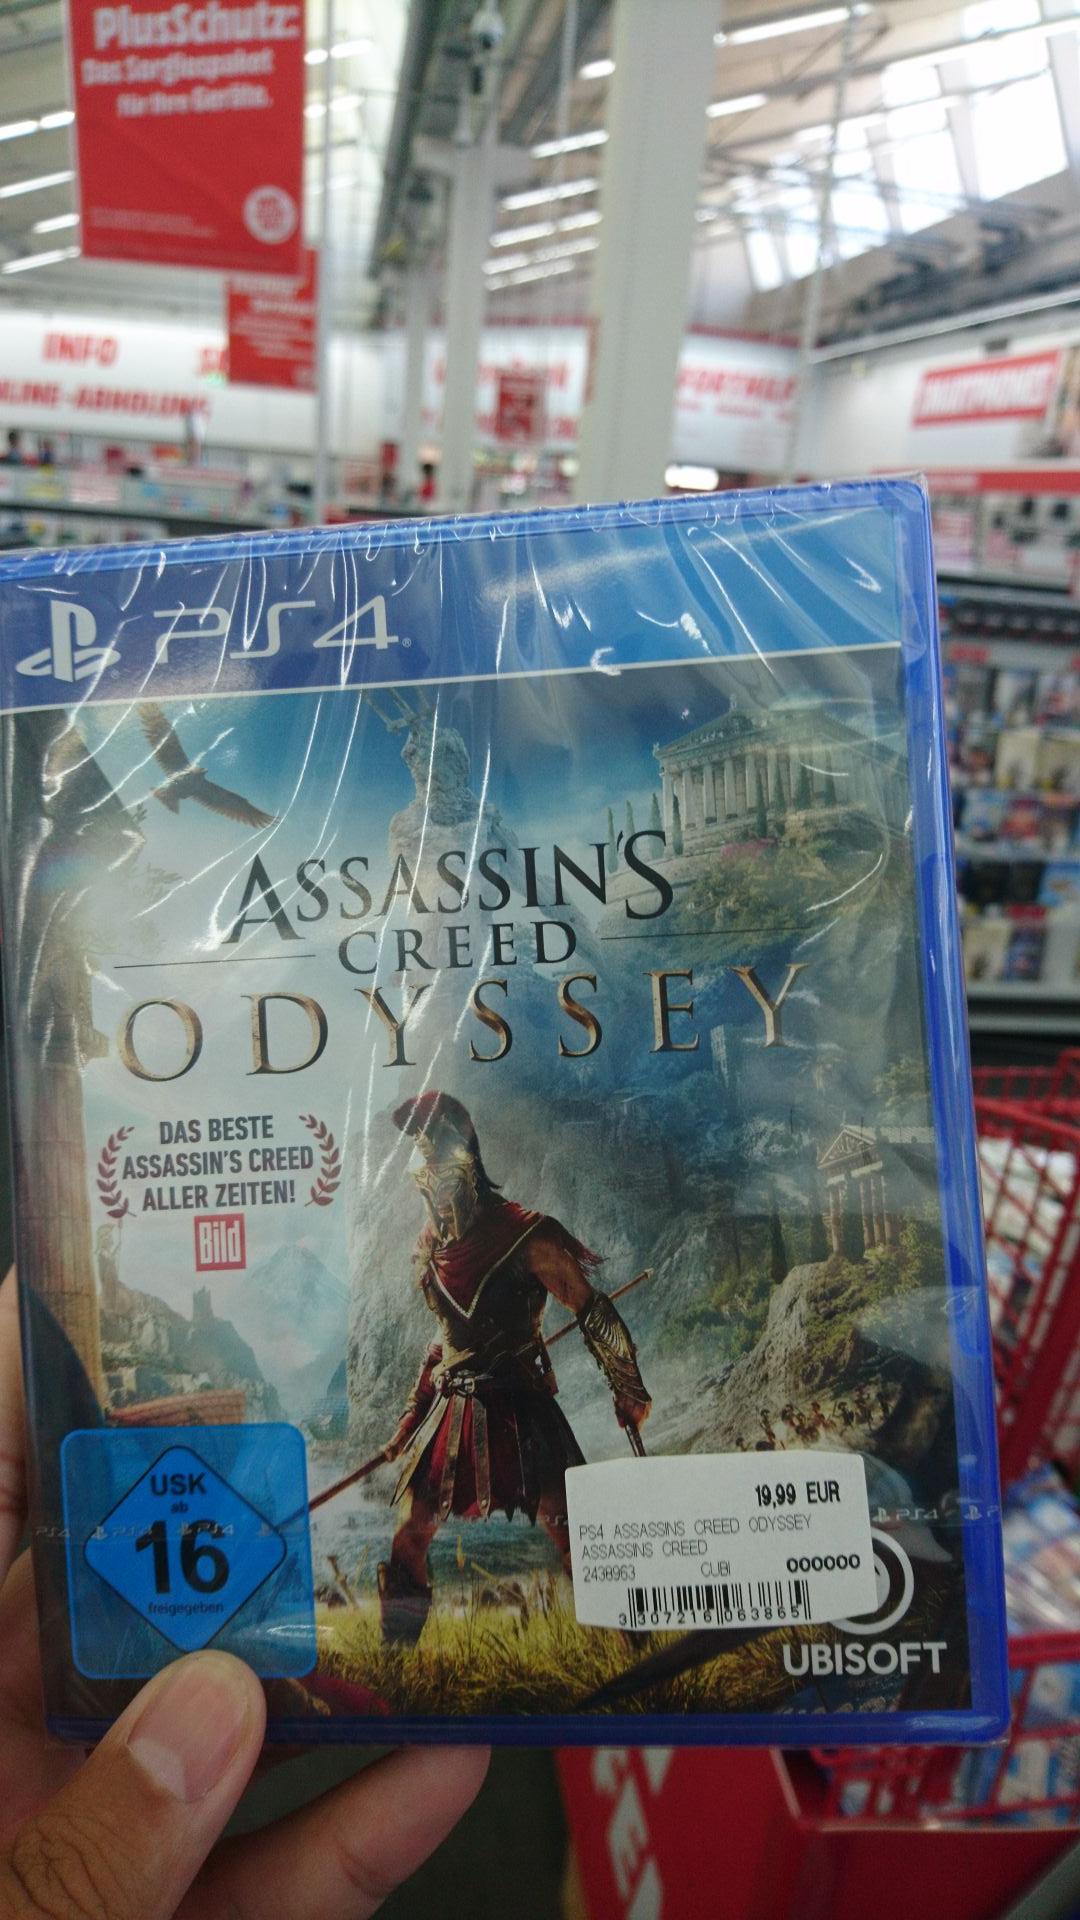 [lokal] Augsburg Media Markt - Assassin's Creed Odyssey PS4